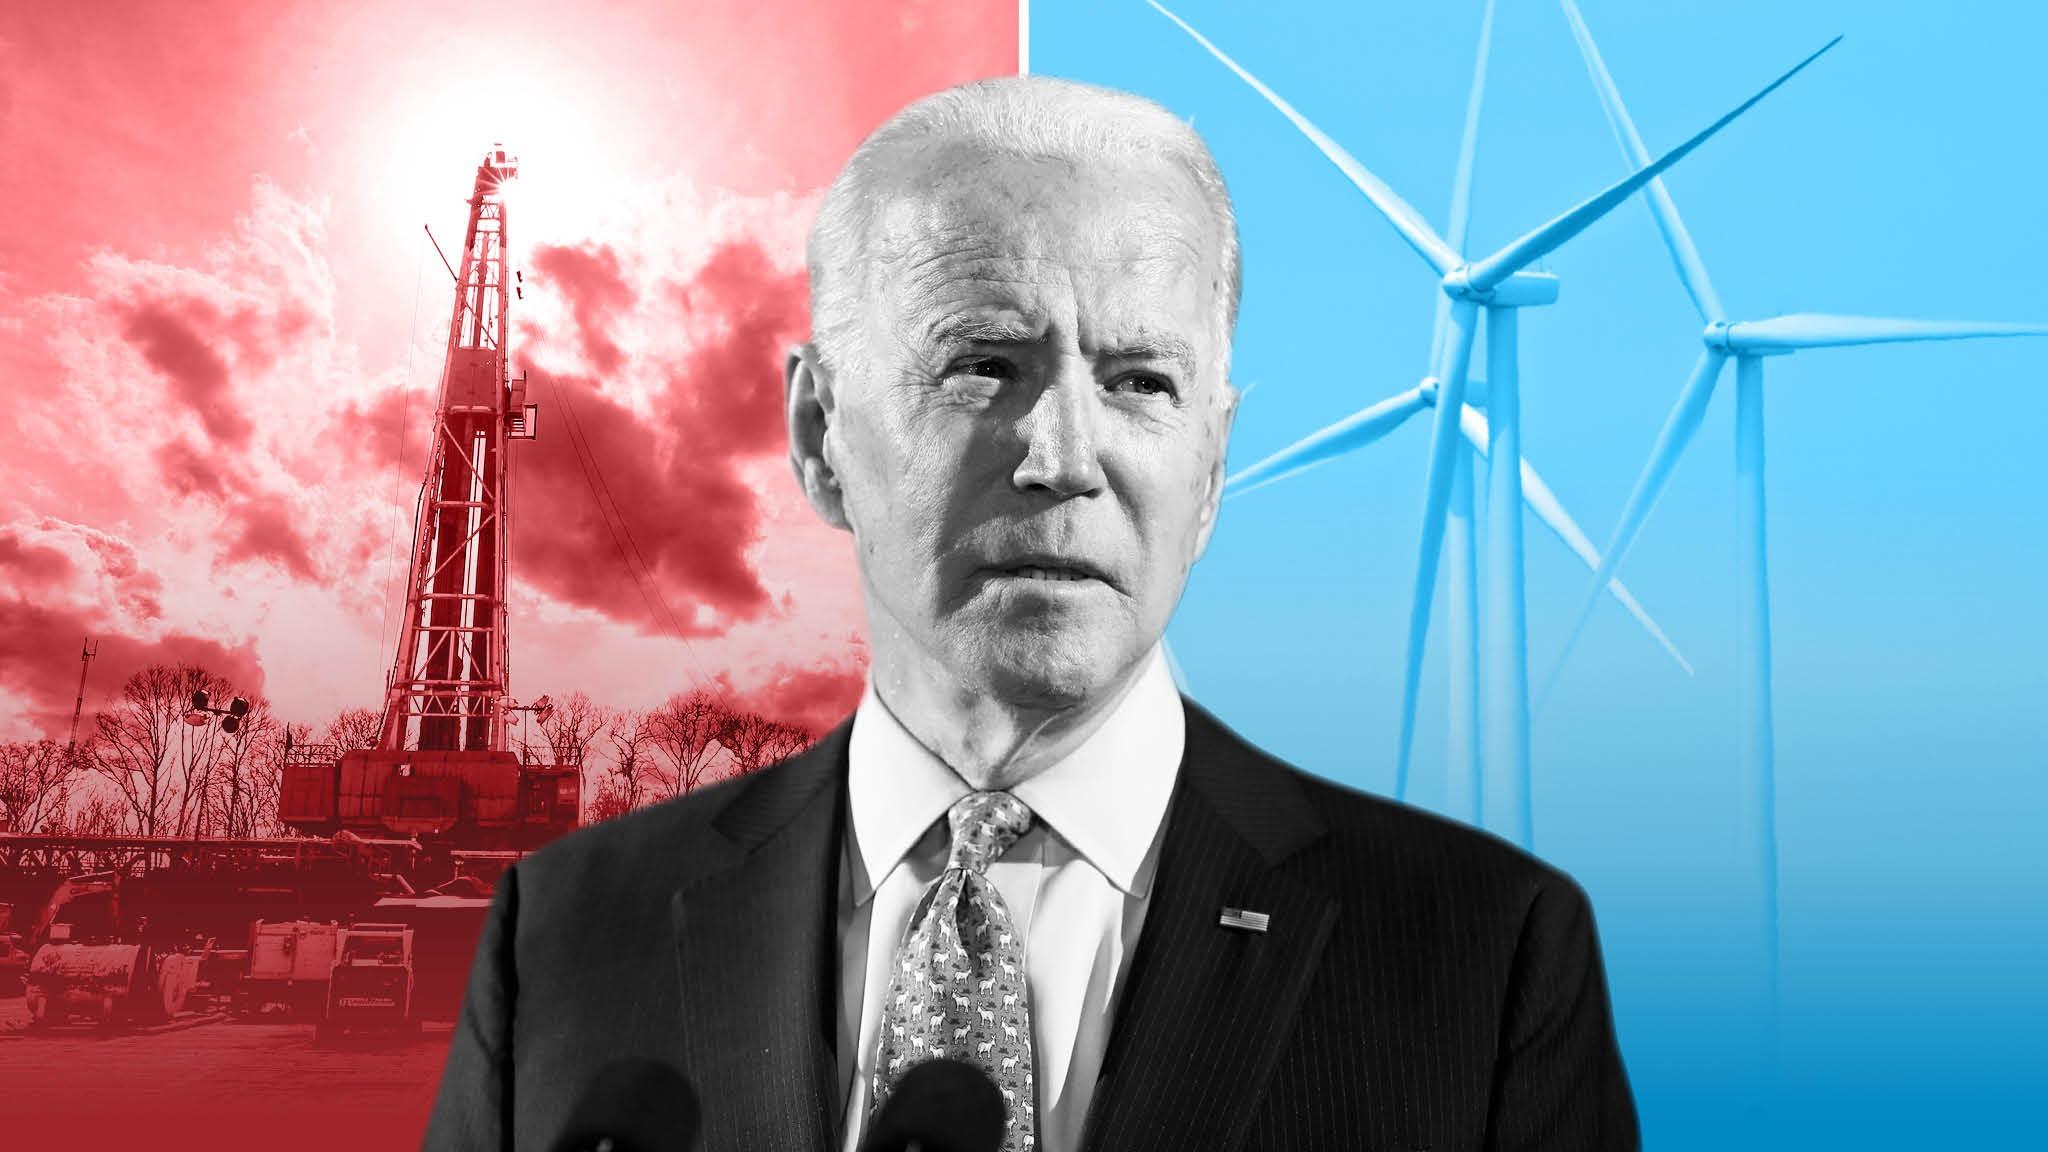 Chính quyền ông Biden loay hoay giữa lúc giá dầu hướng đến mốc 100 USD/thùng